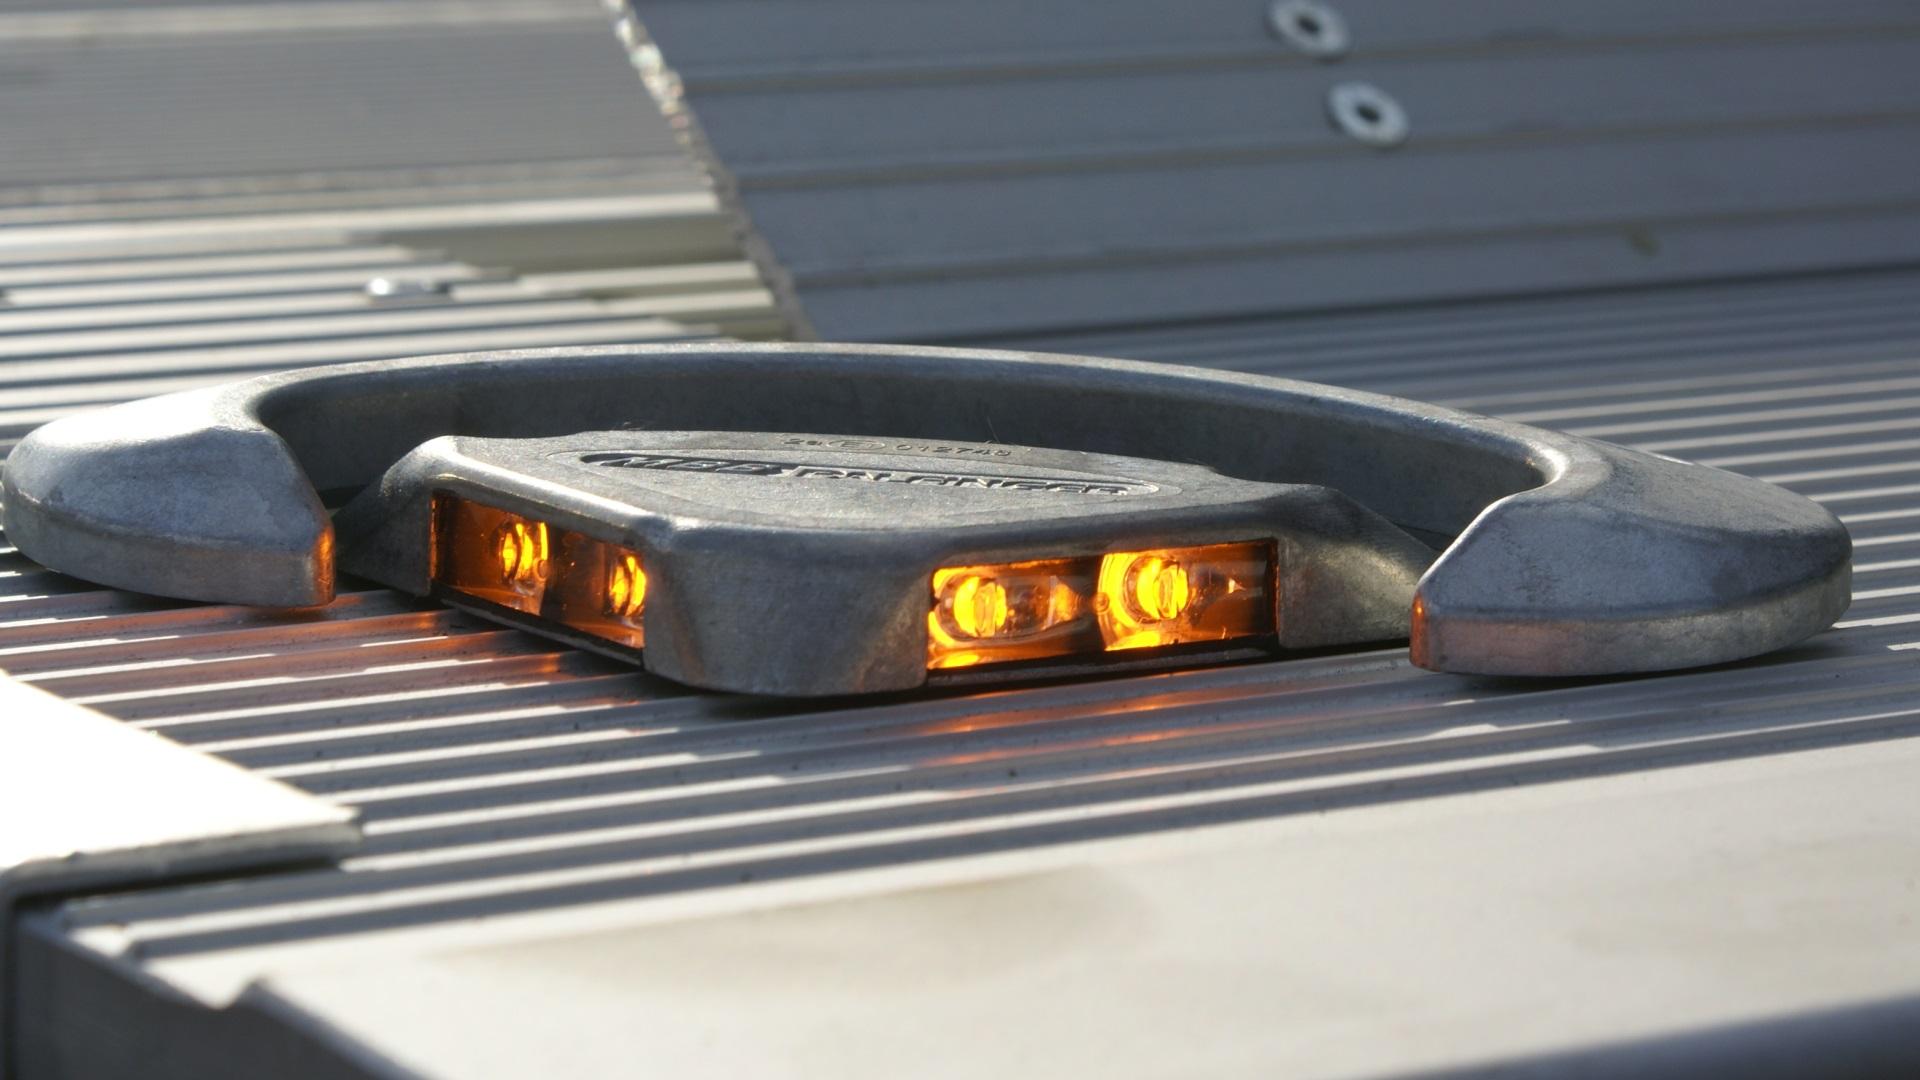 Plattformleuchte mit Schutzleiste